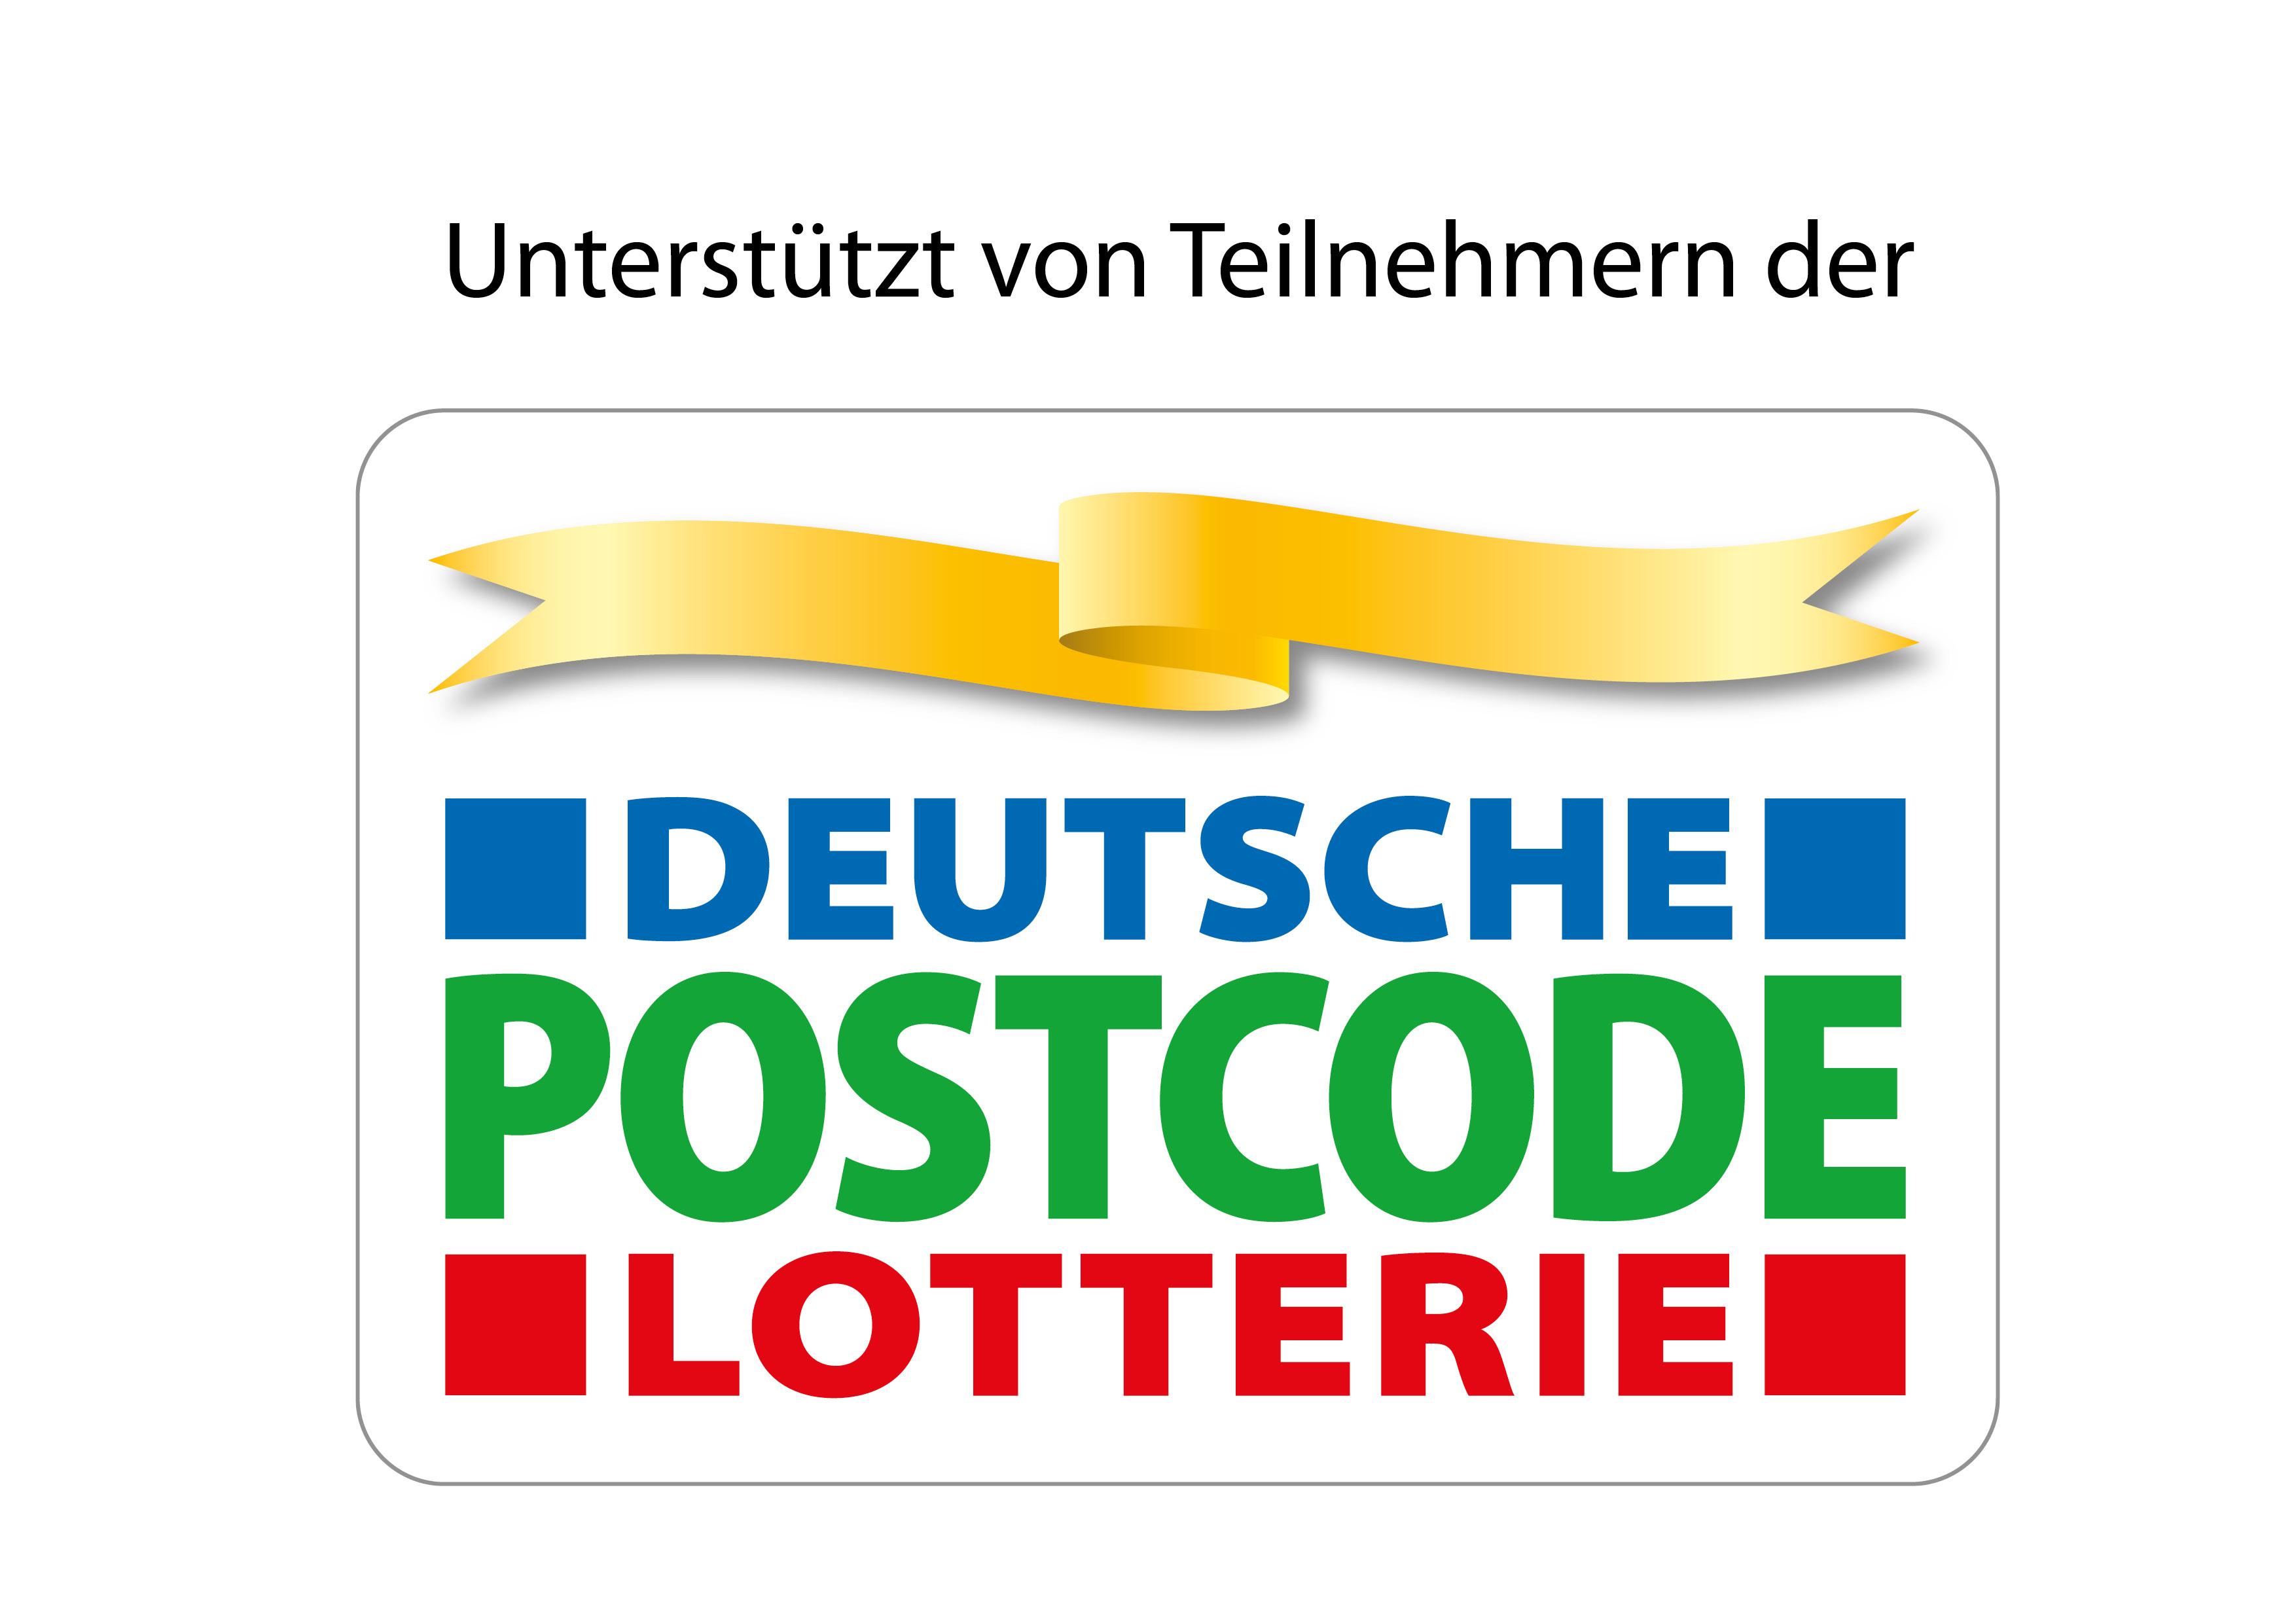 Unterstützt von Teilnehmern der Deutschen Postcode Lotterie